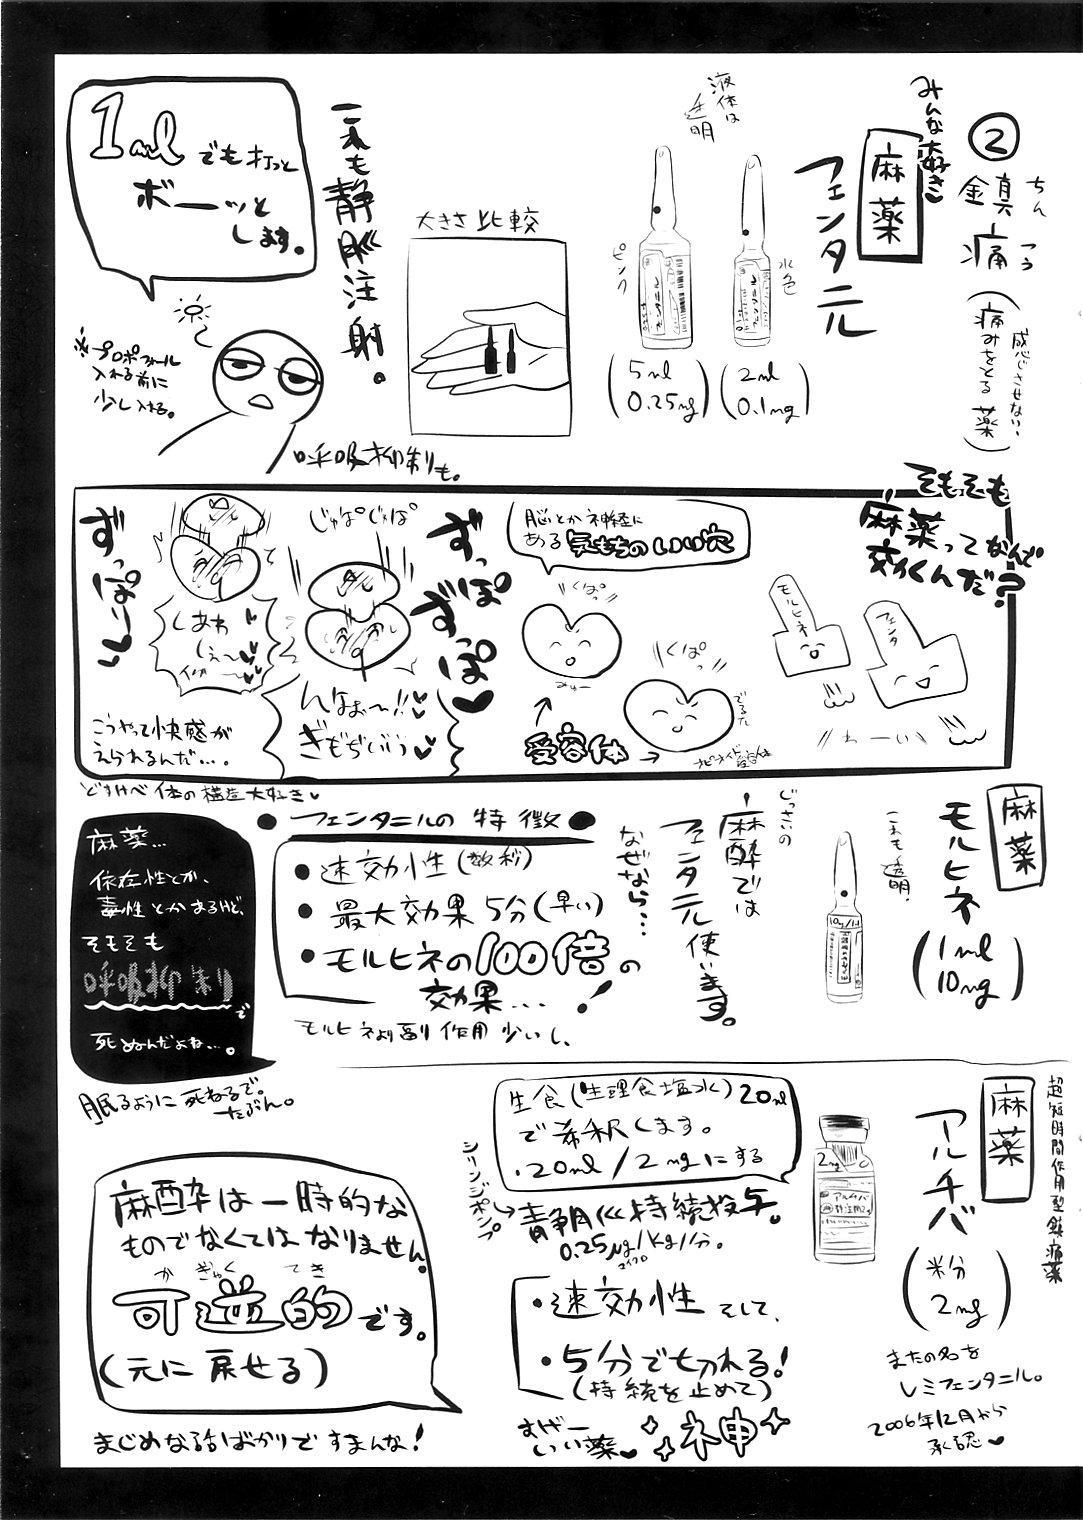 Ryonara no Tame no Kaibou Seiri 20